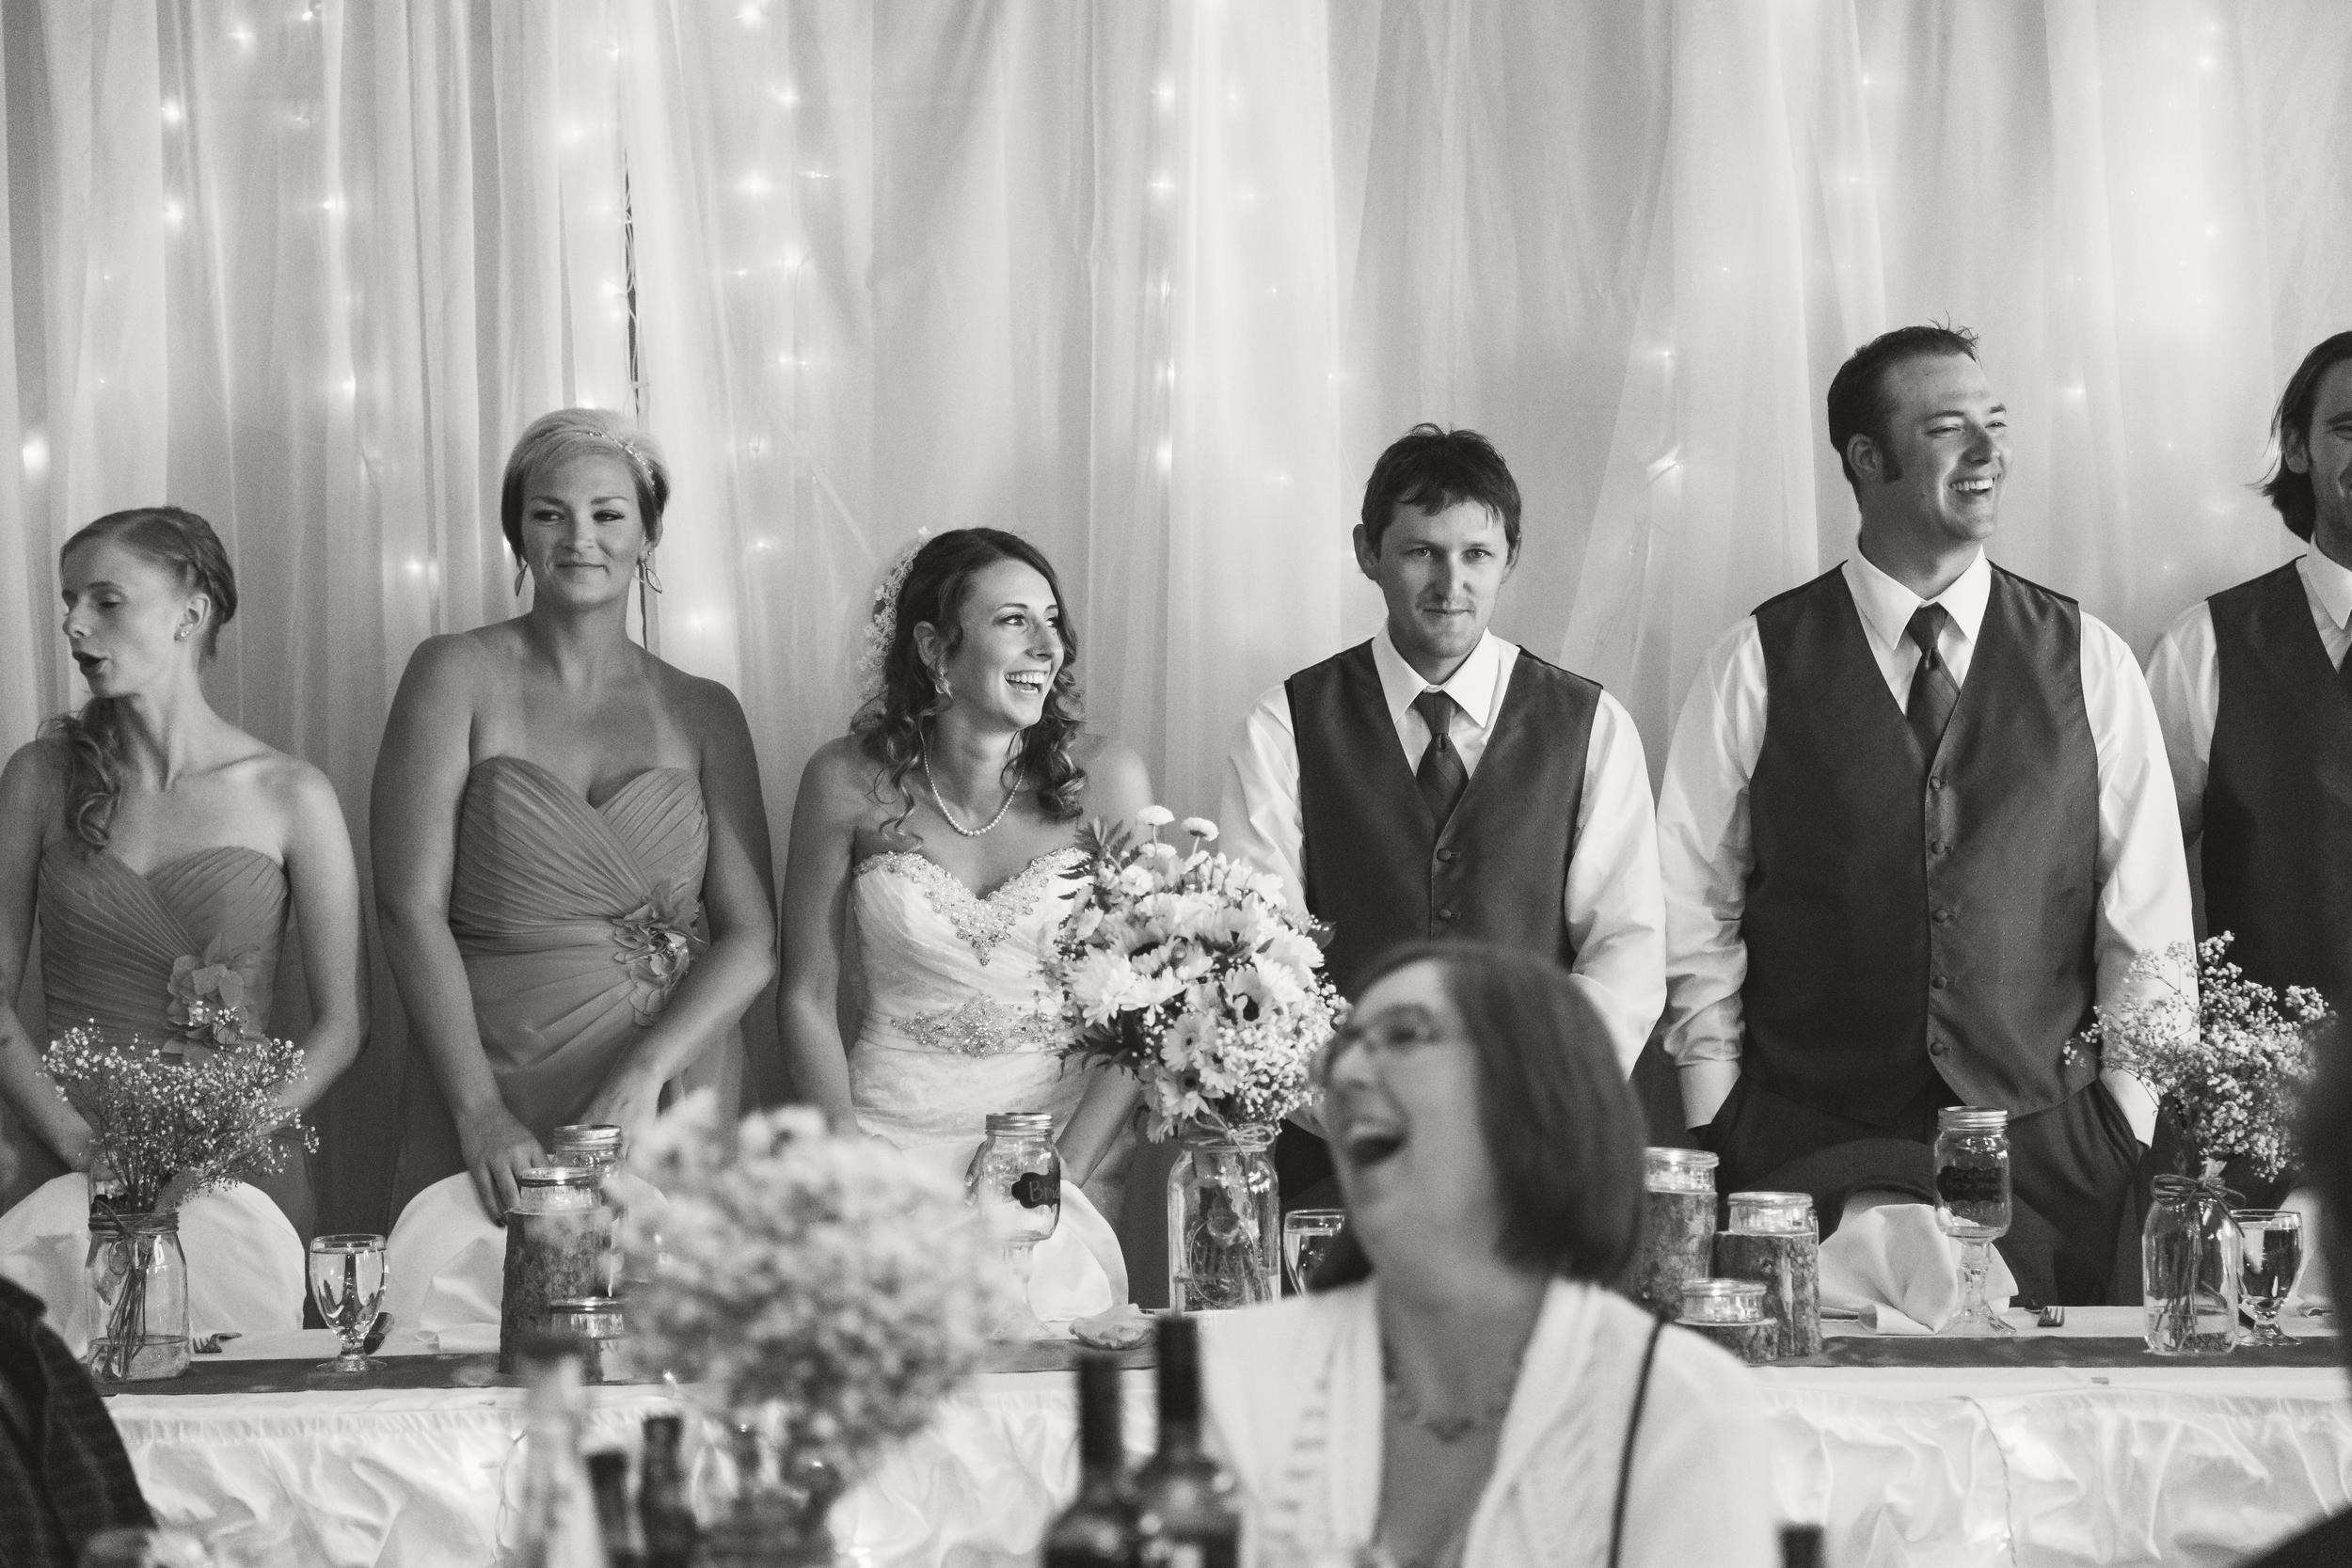 TJ_Wedding_436_bw.jpg